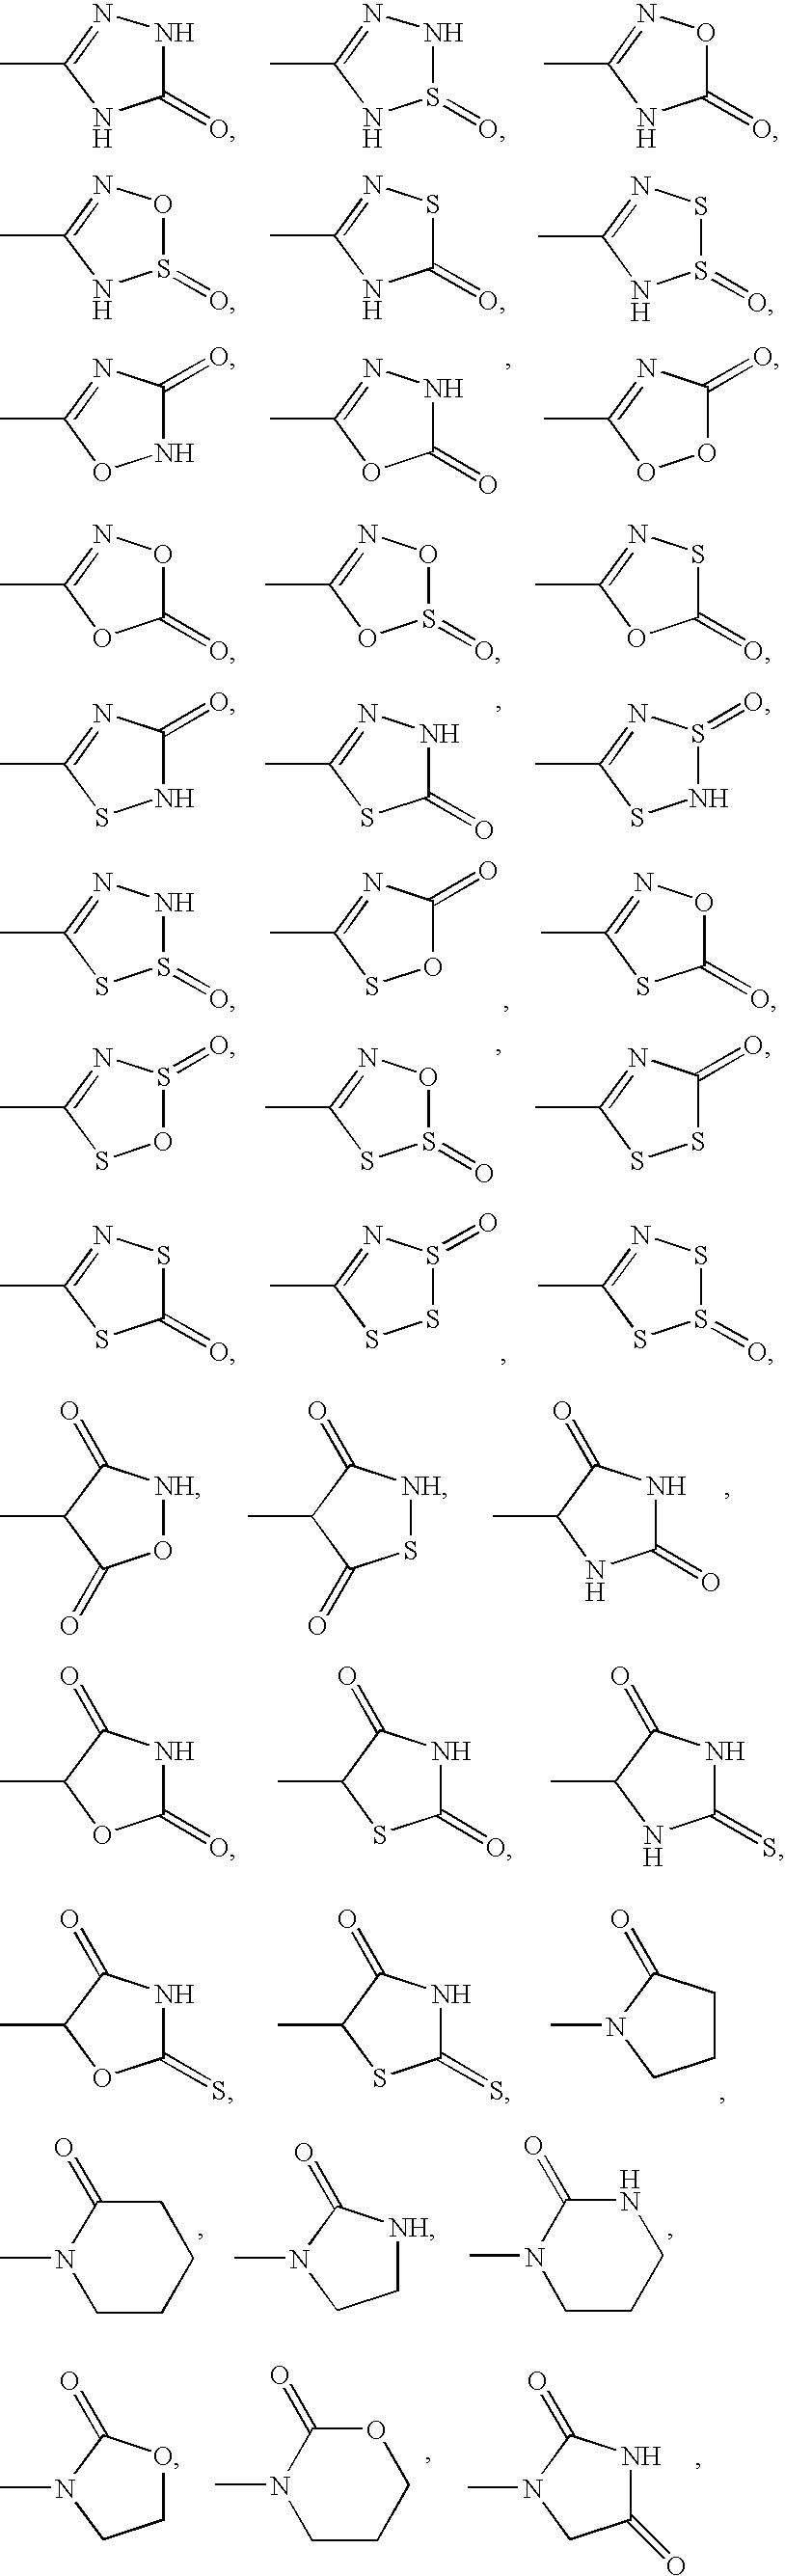 Figure US20070049593A1-20070301-C00045